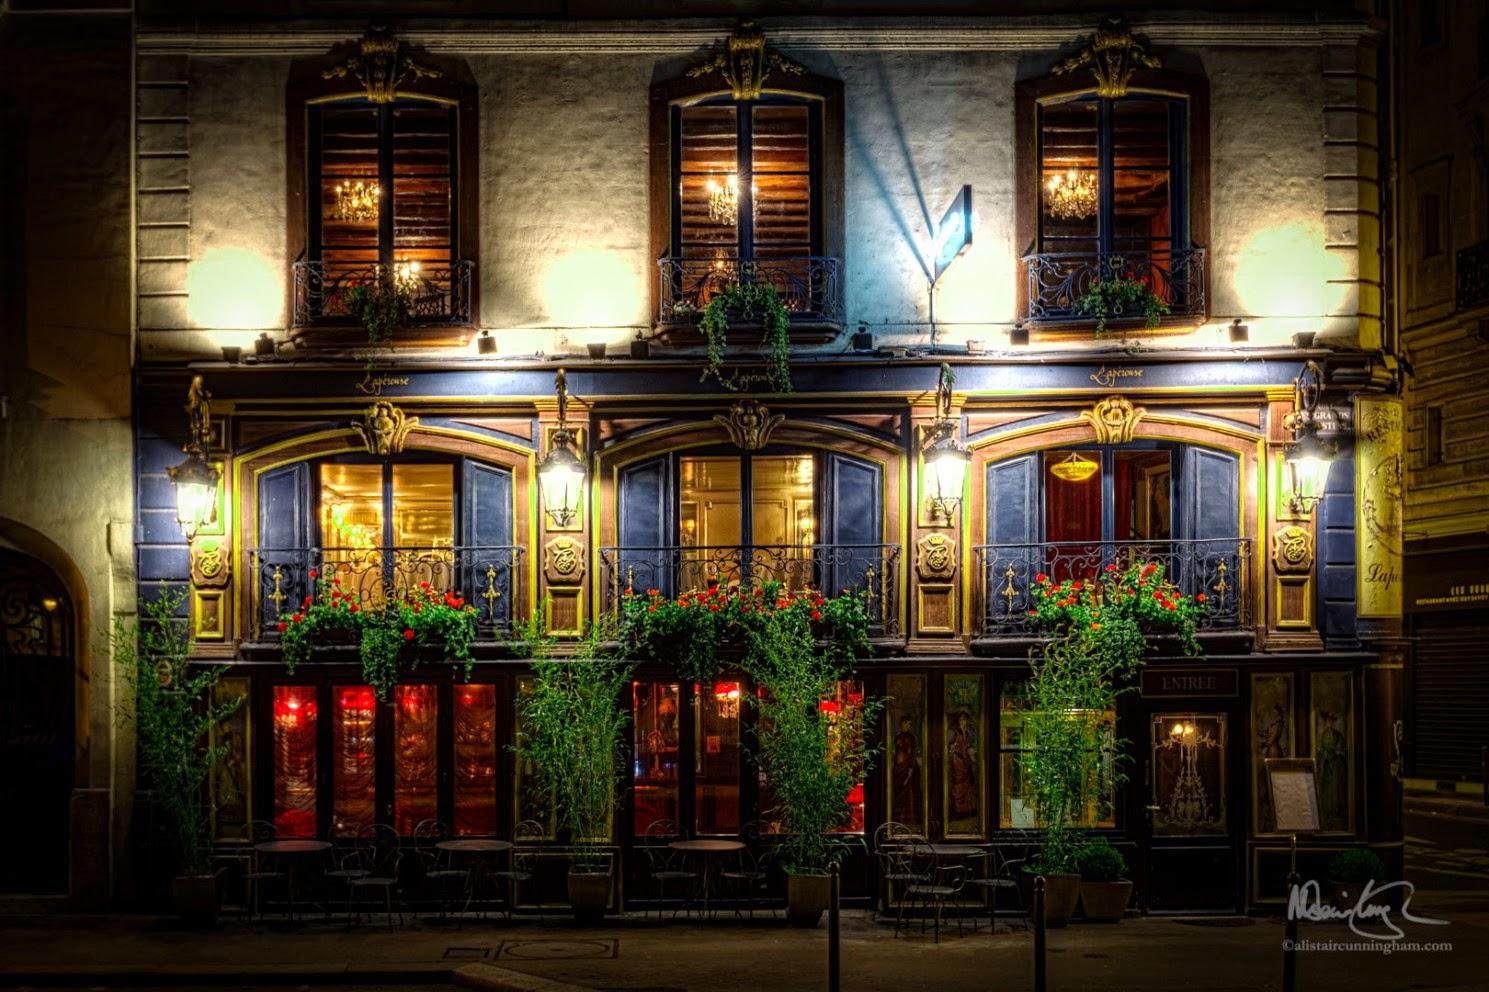 Alistair Cunningham, fotografía HDR, Restaurant Lapérouse, París